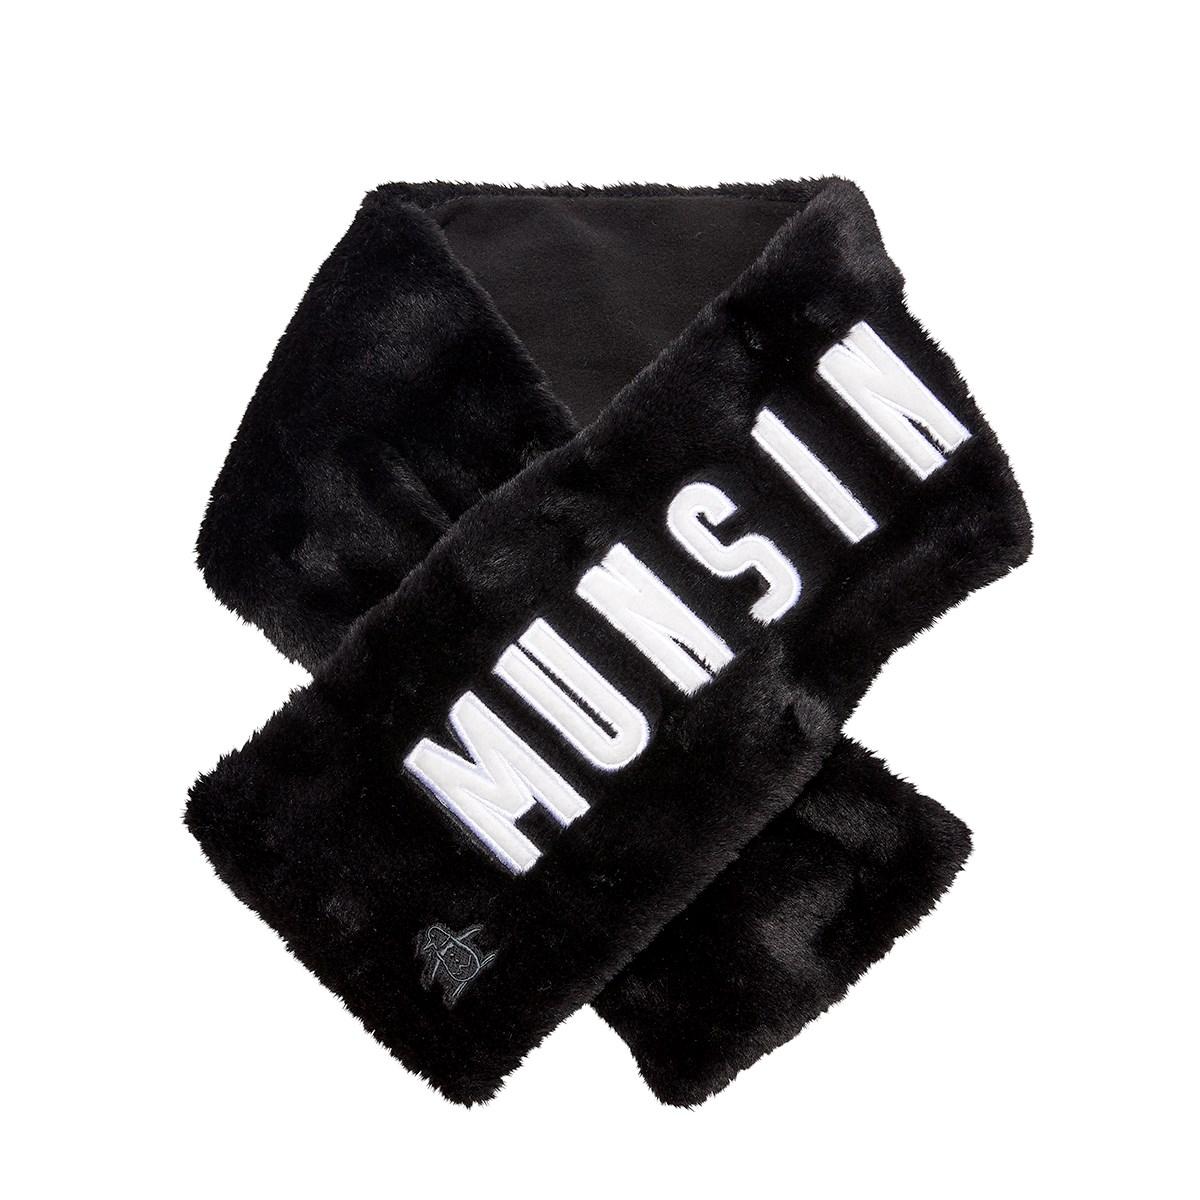 マンシングウェア Munsingwear コンパクトマフラー ブラック 00 フリー レディス